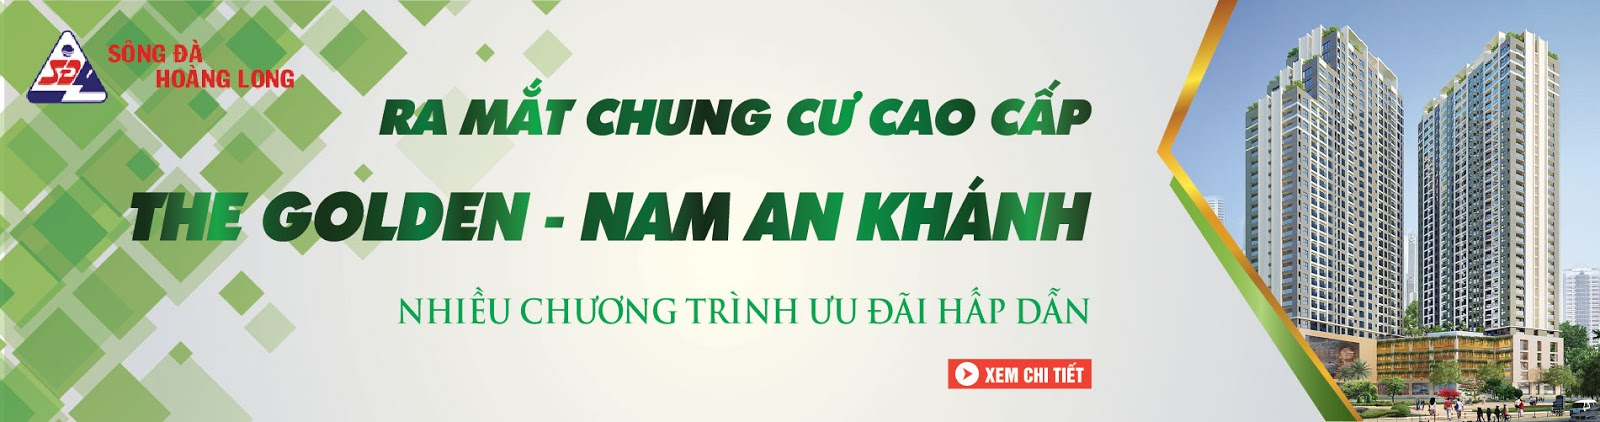 Chung cư The Golden An Khánh